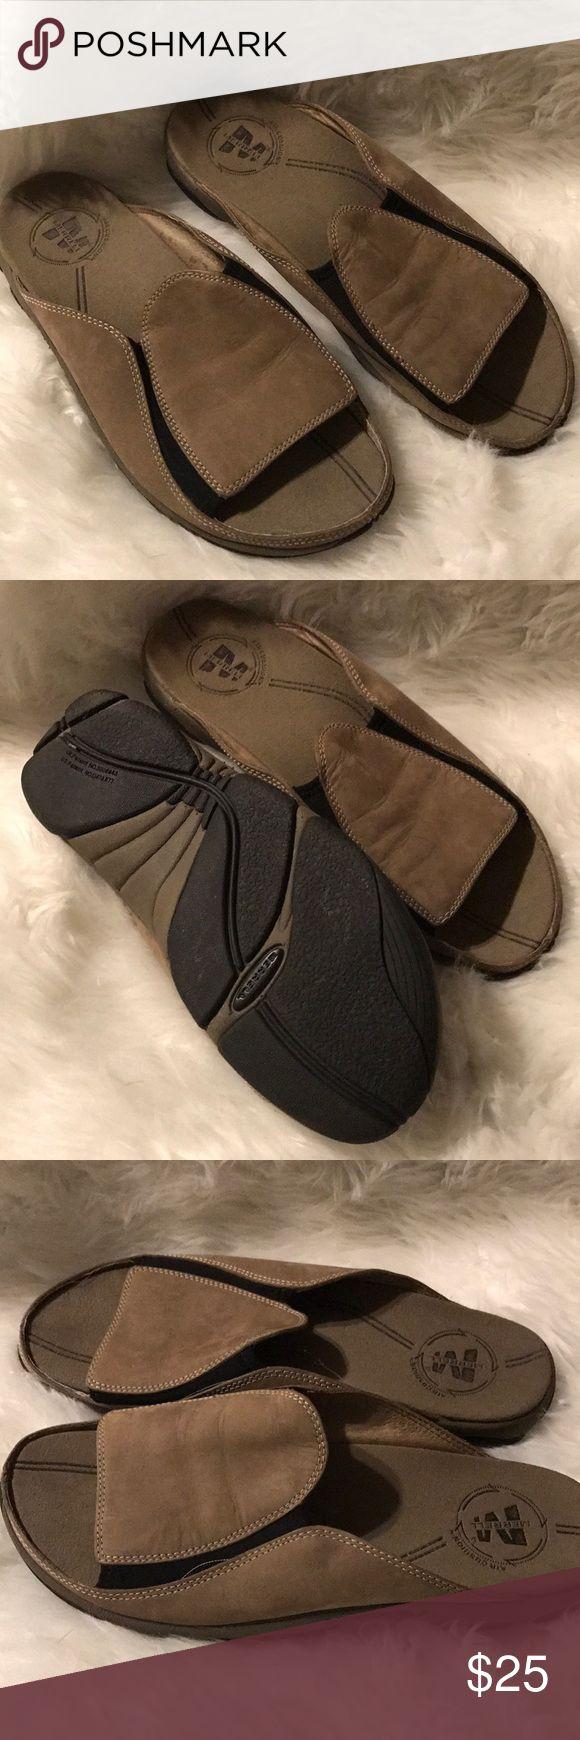 Men's Merrell sandals Size 10. Tan/Taupe color. Slides. Sandals. Excellent condition. Merrell Shoes Sandals & Flip-Flops